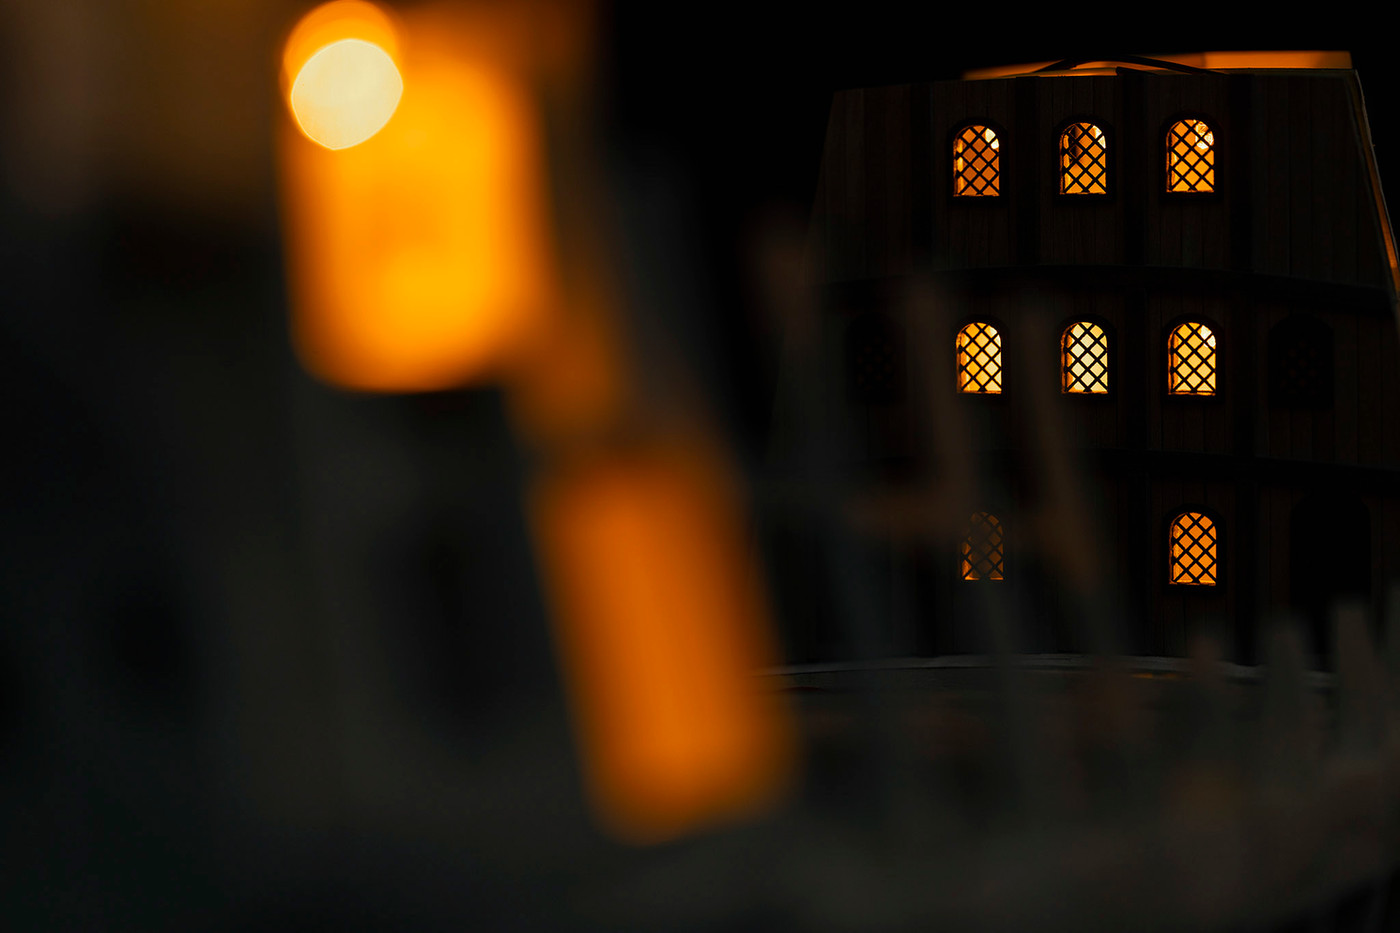 043-light.jpg